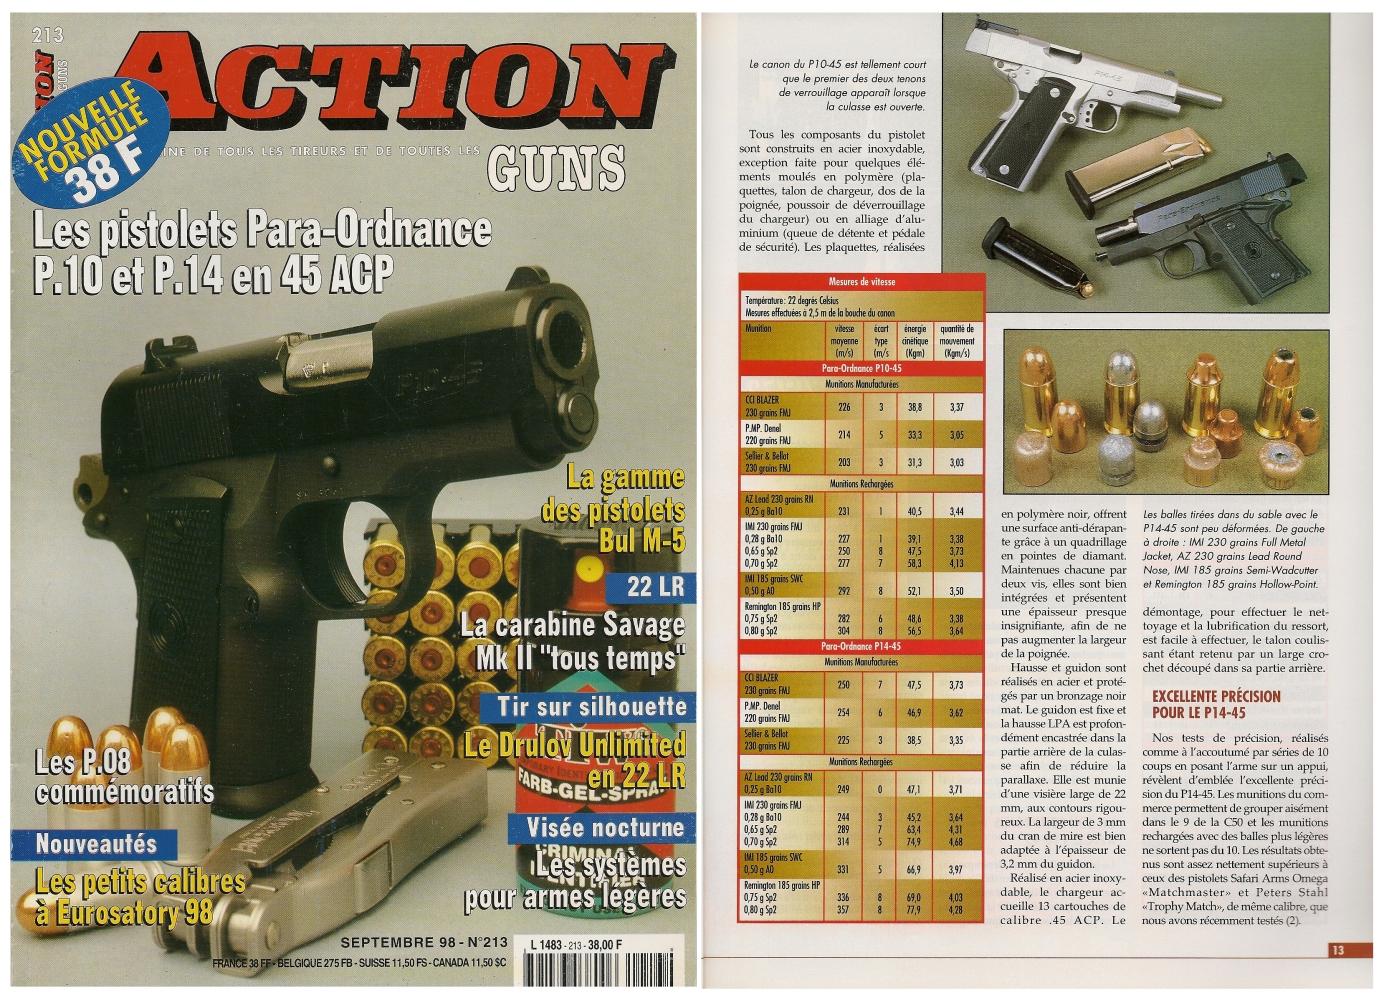 Le banc d'essai des pistolets Para-Ordnance P10-45 et P14-45 a été publié sur 6 pages dans le magazine Action Guns n° 213 (septembre 1998).